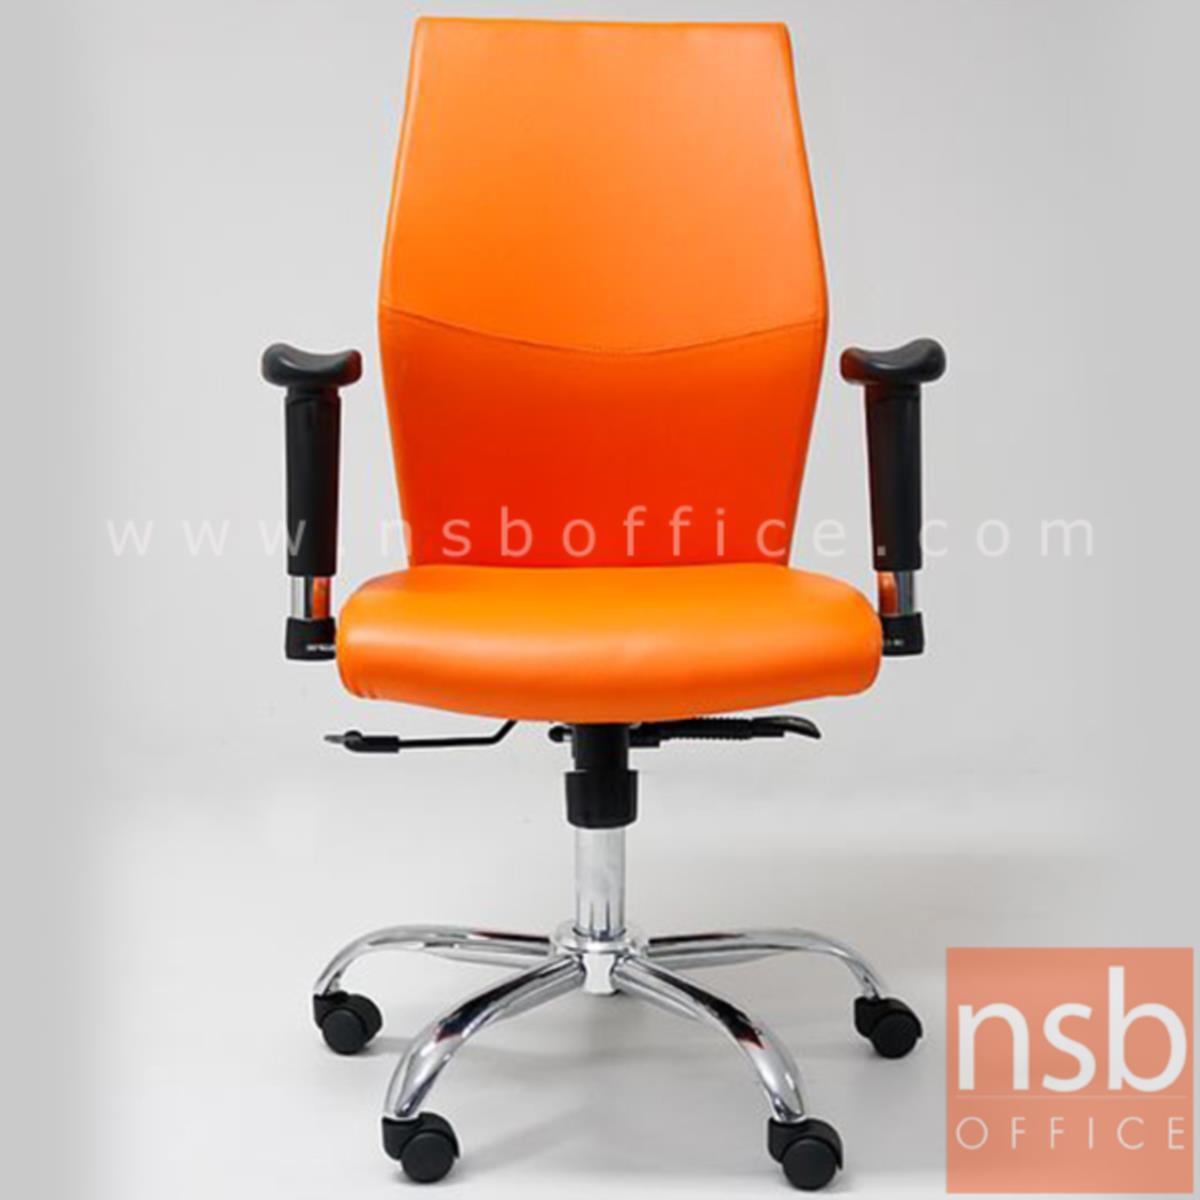 เก้าอี้สำนักงาน รุ่น Goodpasture (กูดปาสเจอร์)  โช๊คแก๊ส มีก้อนโยก ขาเหล็กชุบโครเมี่ยม